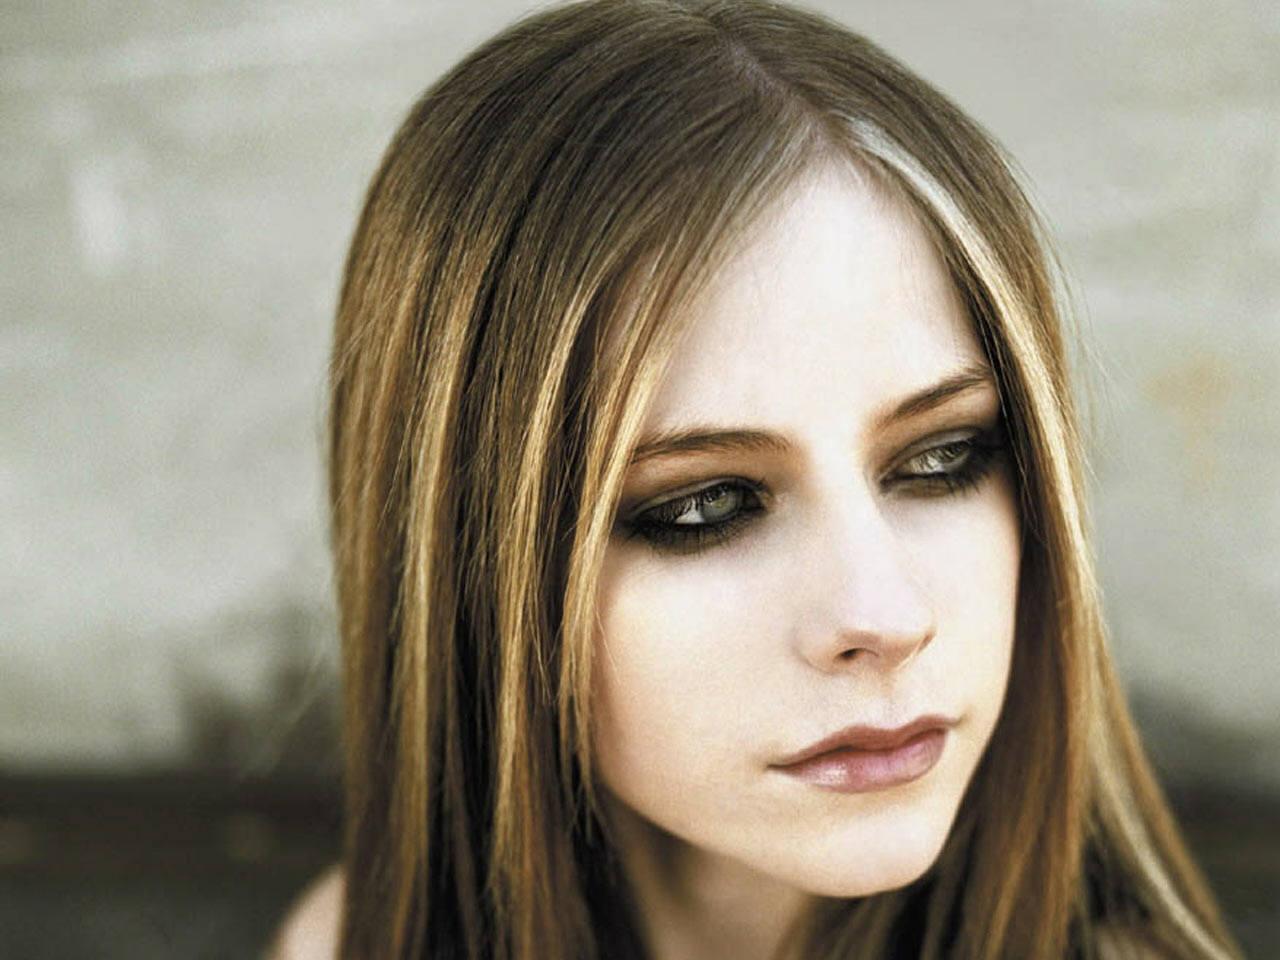 http://1.bp.blogspot.com/-e-dE9Fb-bkg/UNvNe63ktjI/AAAAAAAAAJM/2WUj0mcD6JE/s1600/Avril+Lavigne+1.jpg